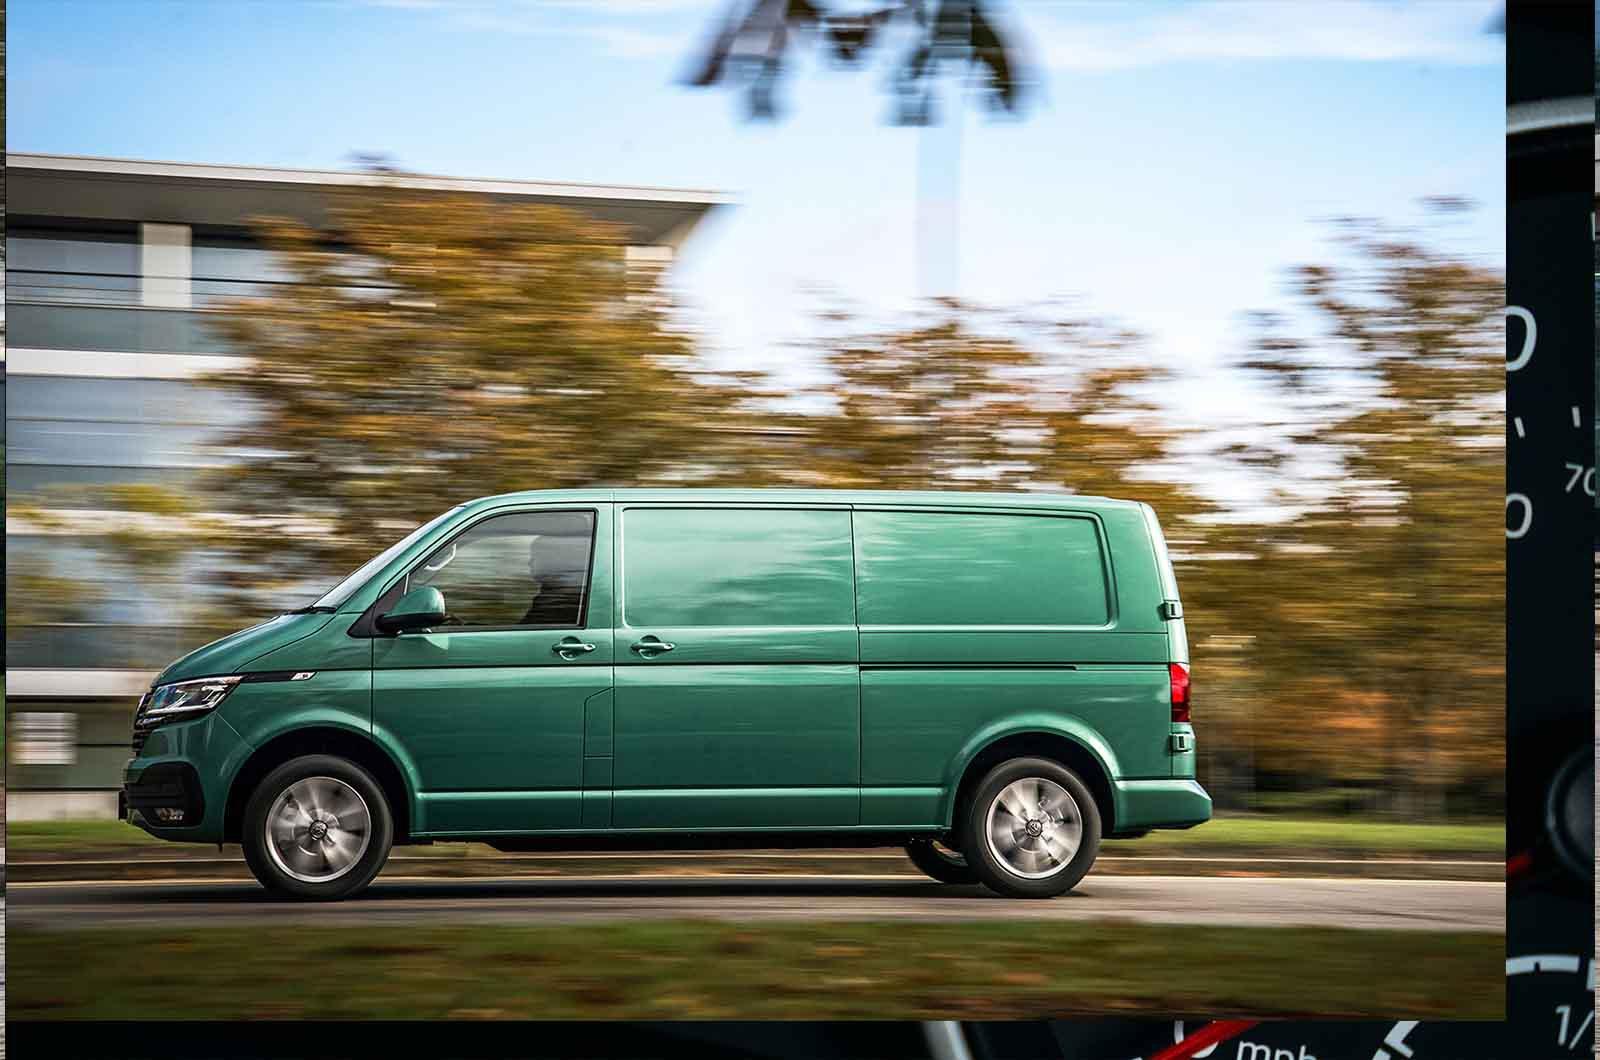 Volkswagen ABT eTransporter side view